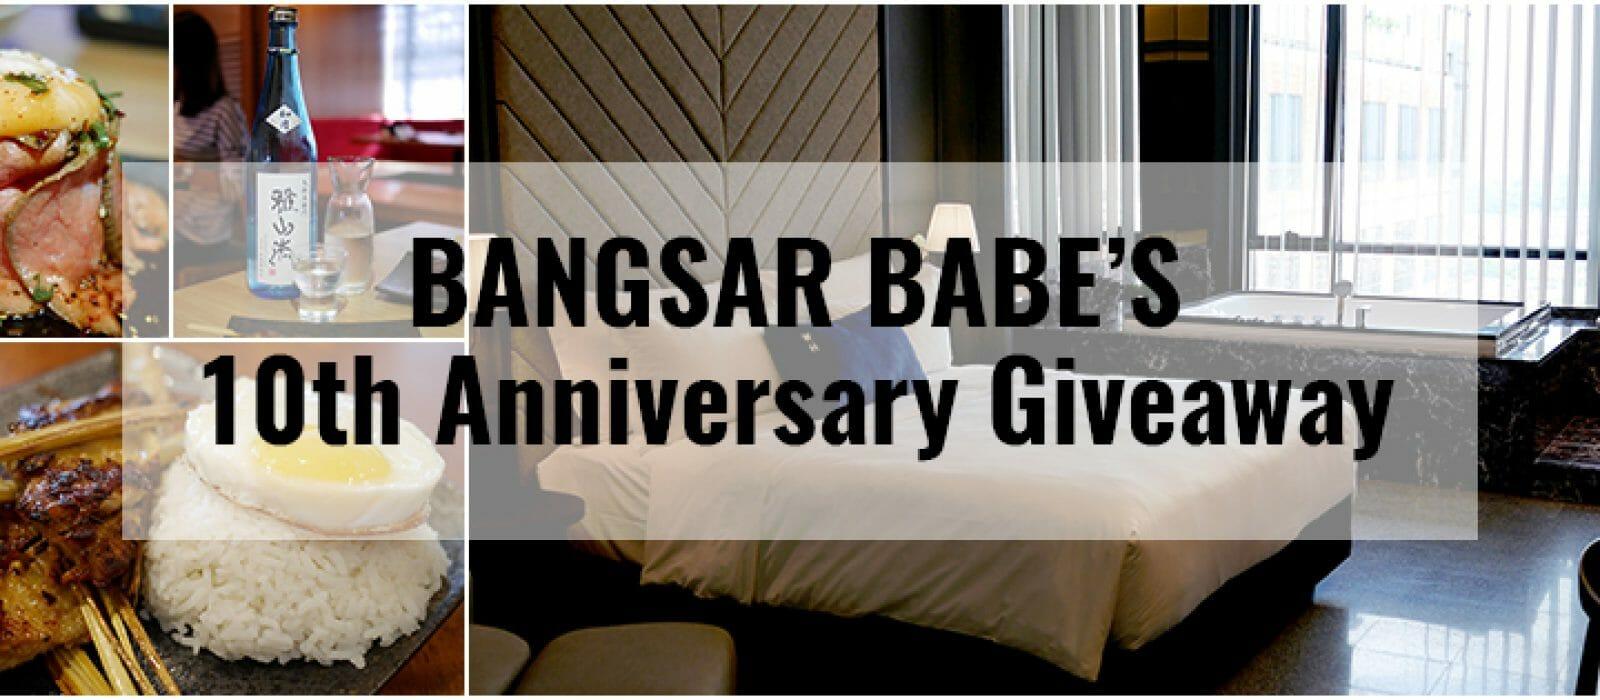 Bangsar Babe's 10th Anniversary Giveaway